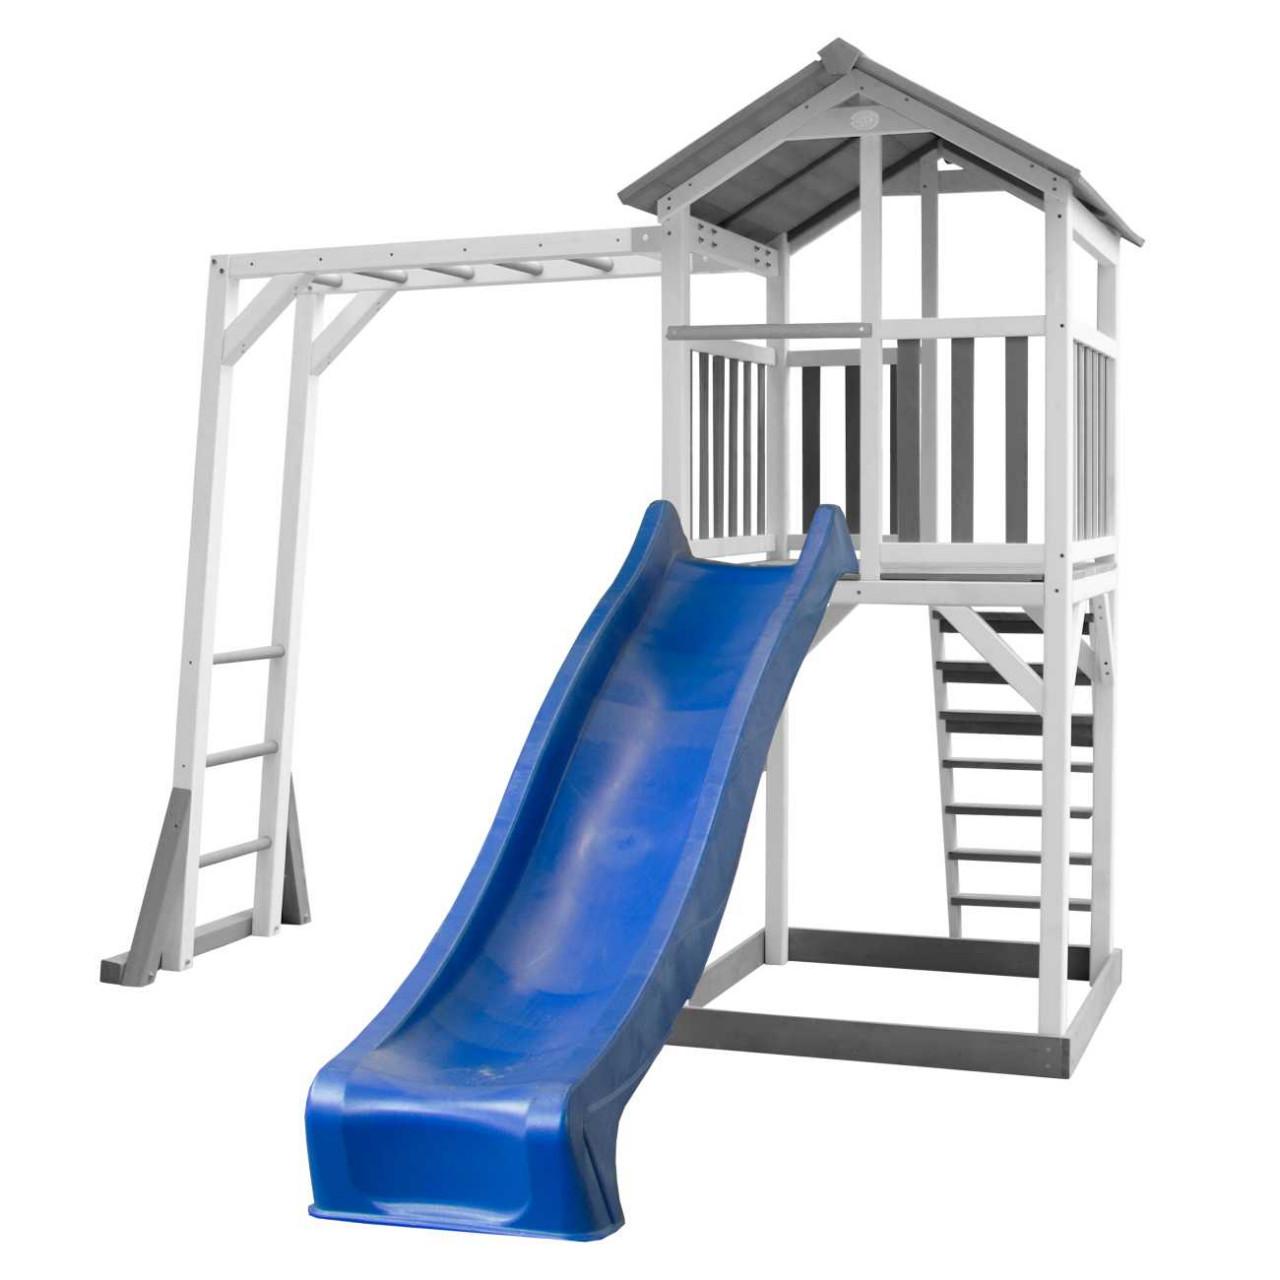 Spielturm Beach Tower Rutsche 2,30 m + Hangelleiter